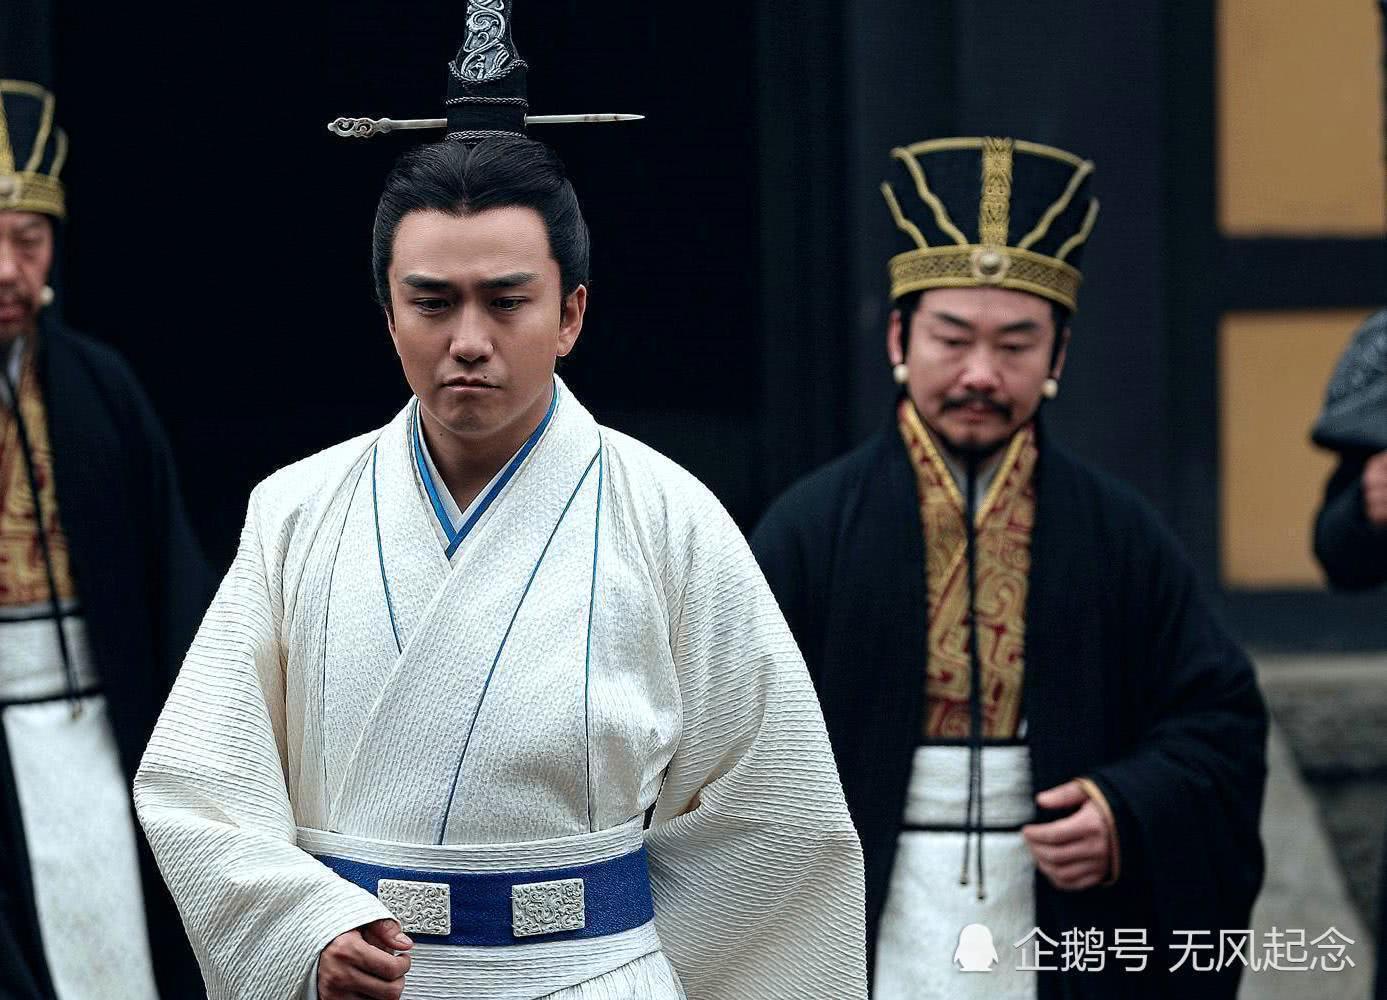 張良對韓信的評價,只有4個字卻準確道出韓信一生,暗示他的結局